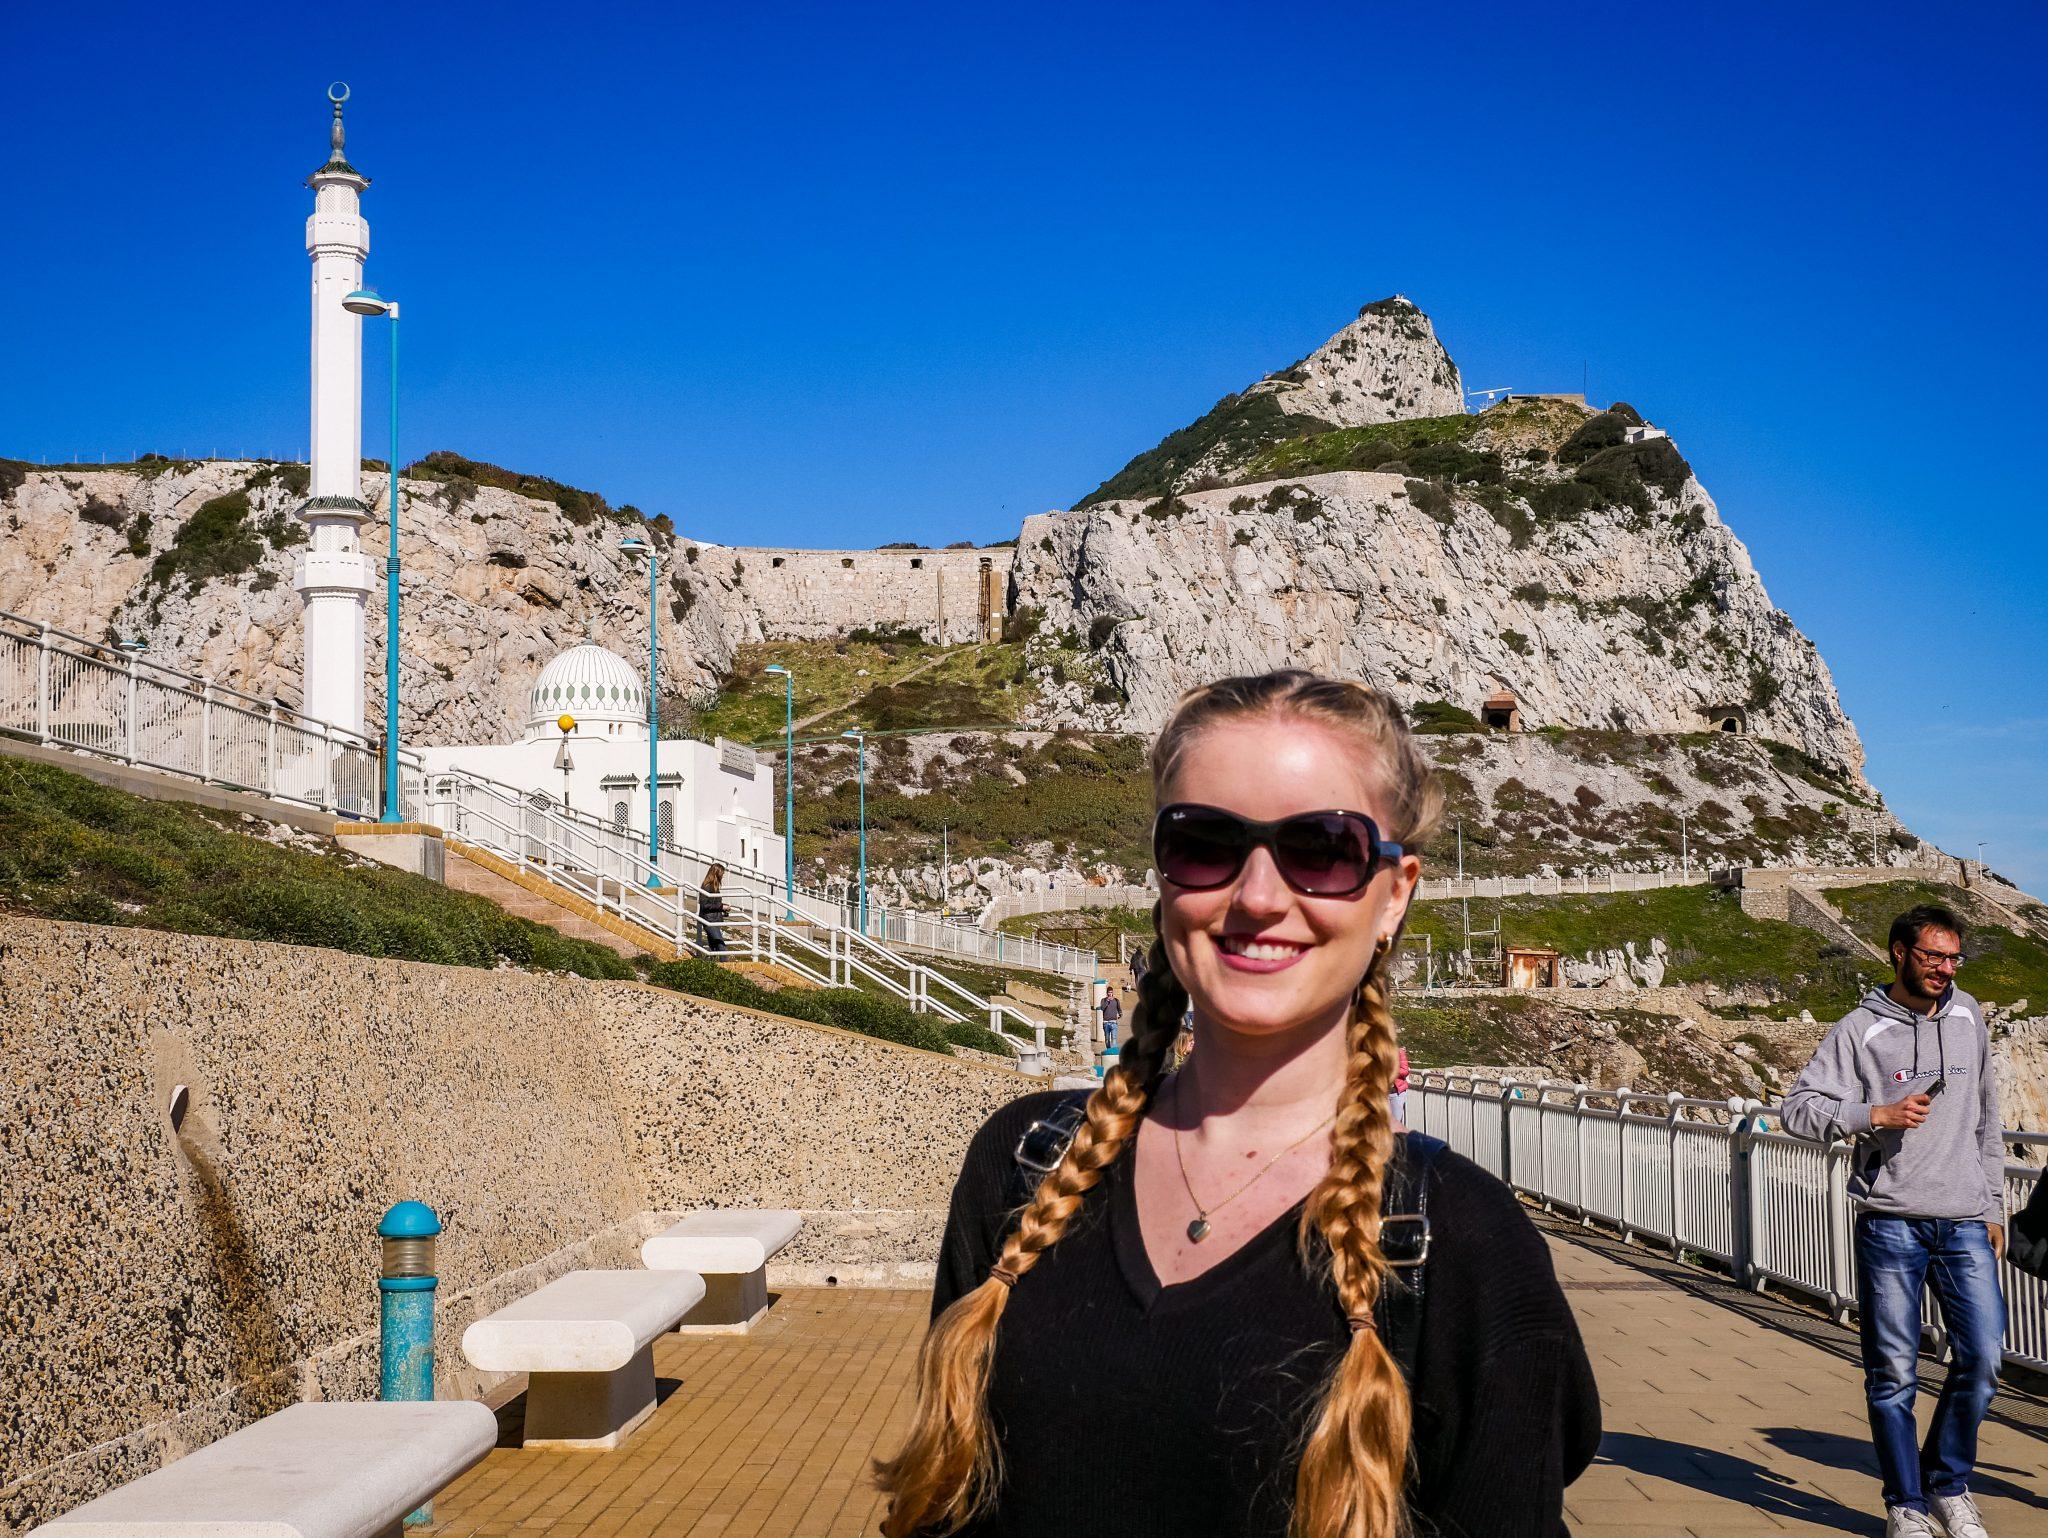 Das wohl markanteste Bauwerk am Europa Point in Gibraltar ist wohl die Moschee.